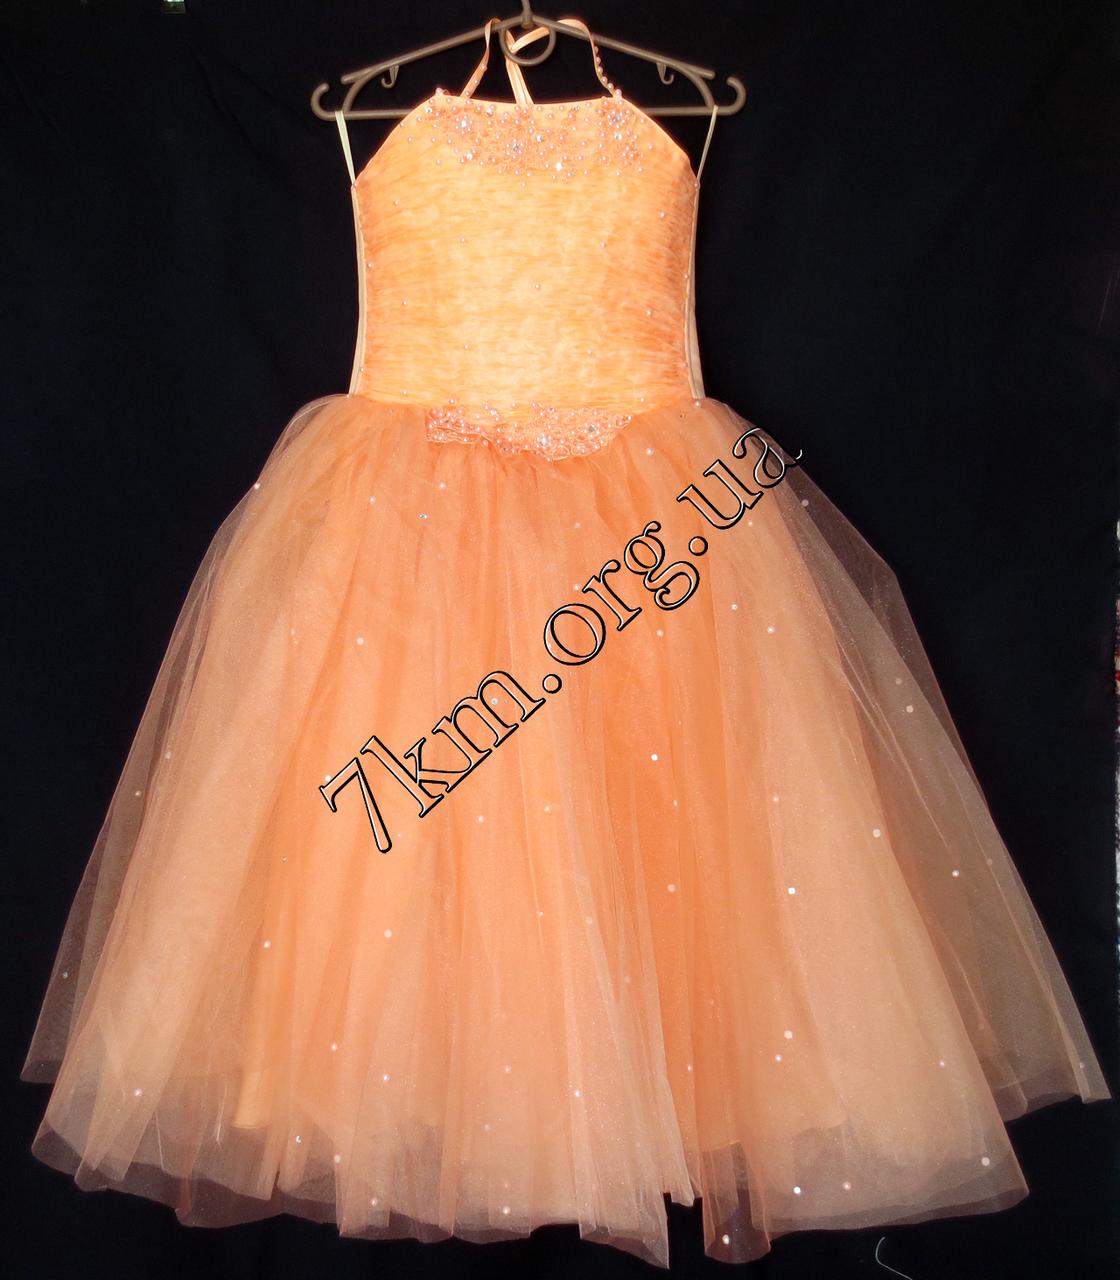 Платье нарядное бальное детское 6 лет Корсет персик Украина оптом.